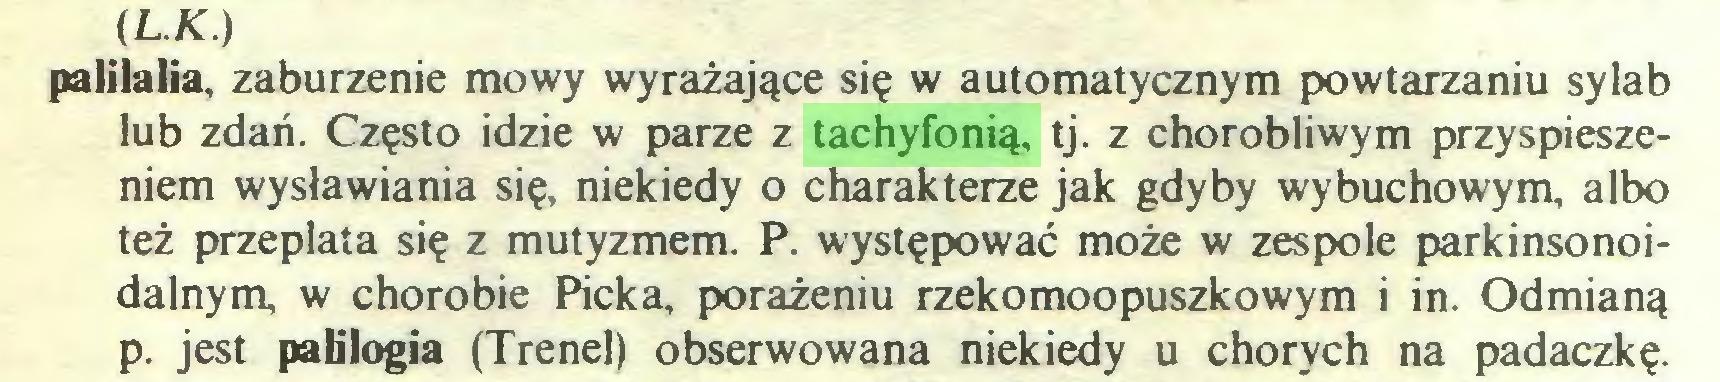 (...) (L.K.) palilalia, zaburzenie mowy wyrażające się w automatycznym powtarzaniu sylab lub zdań. Często idzie w parze z tachyfonią, tj. z chorobliwym przyspieszeniem wysławiania się, niekiedy o charakterze jak gdyby wybuchowym, albo też przeplata się z mutyzmem. P. występować może w zespole parkinsonoidalnym, w chorobie Pieką, porażeniu rzekomoopuszkowym i in. Odmianą p. jest patilogia (Trenel) obserwowana niekiedy u chorych na padaczkę...